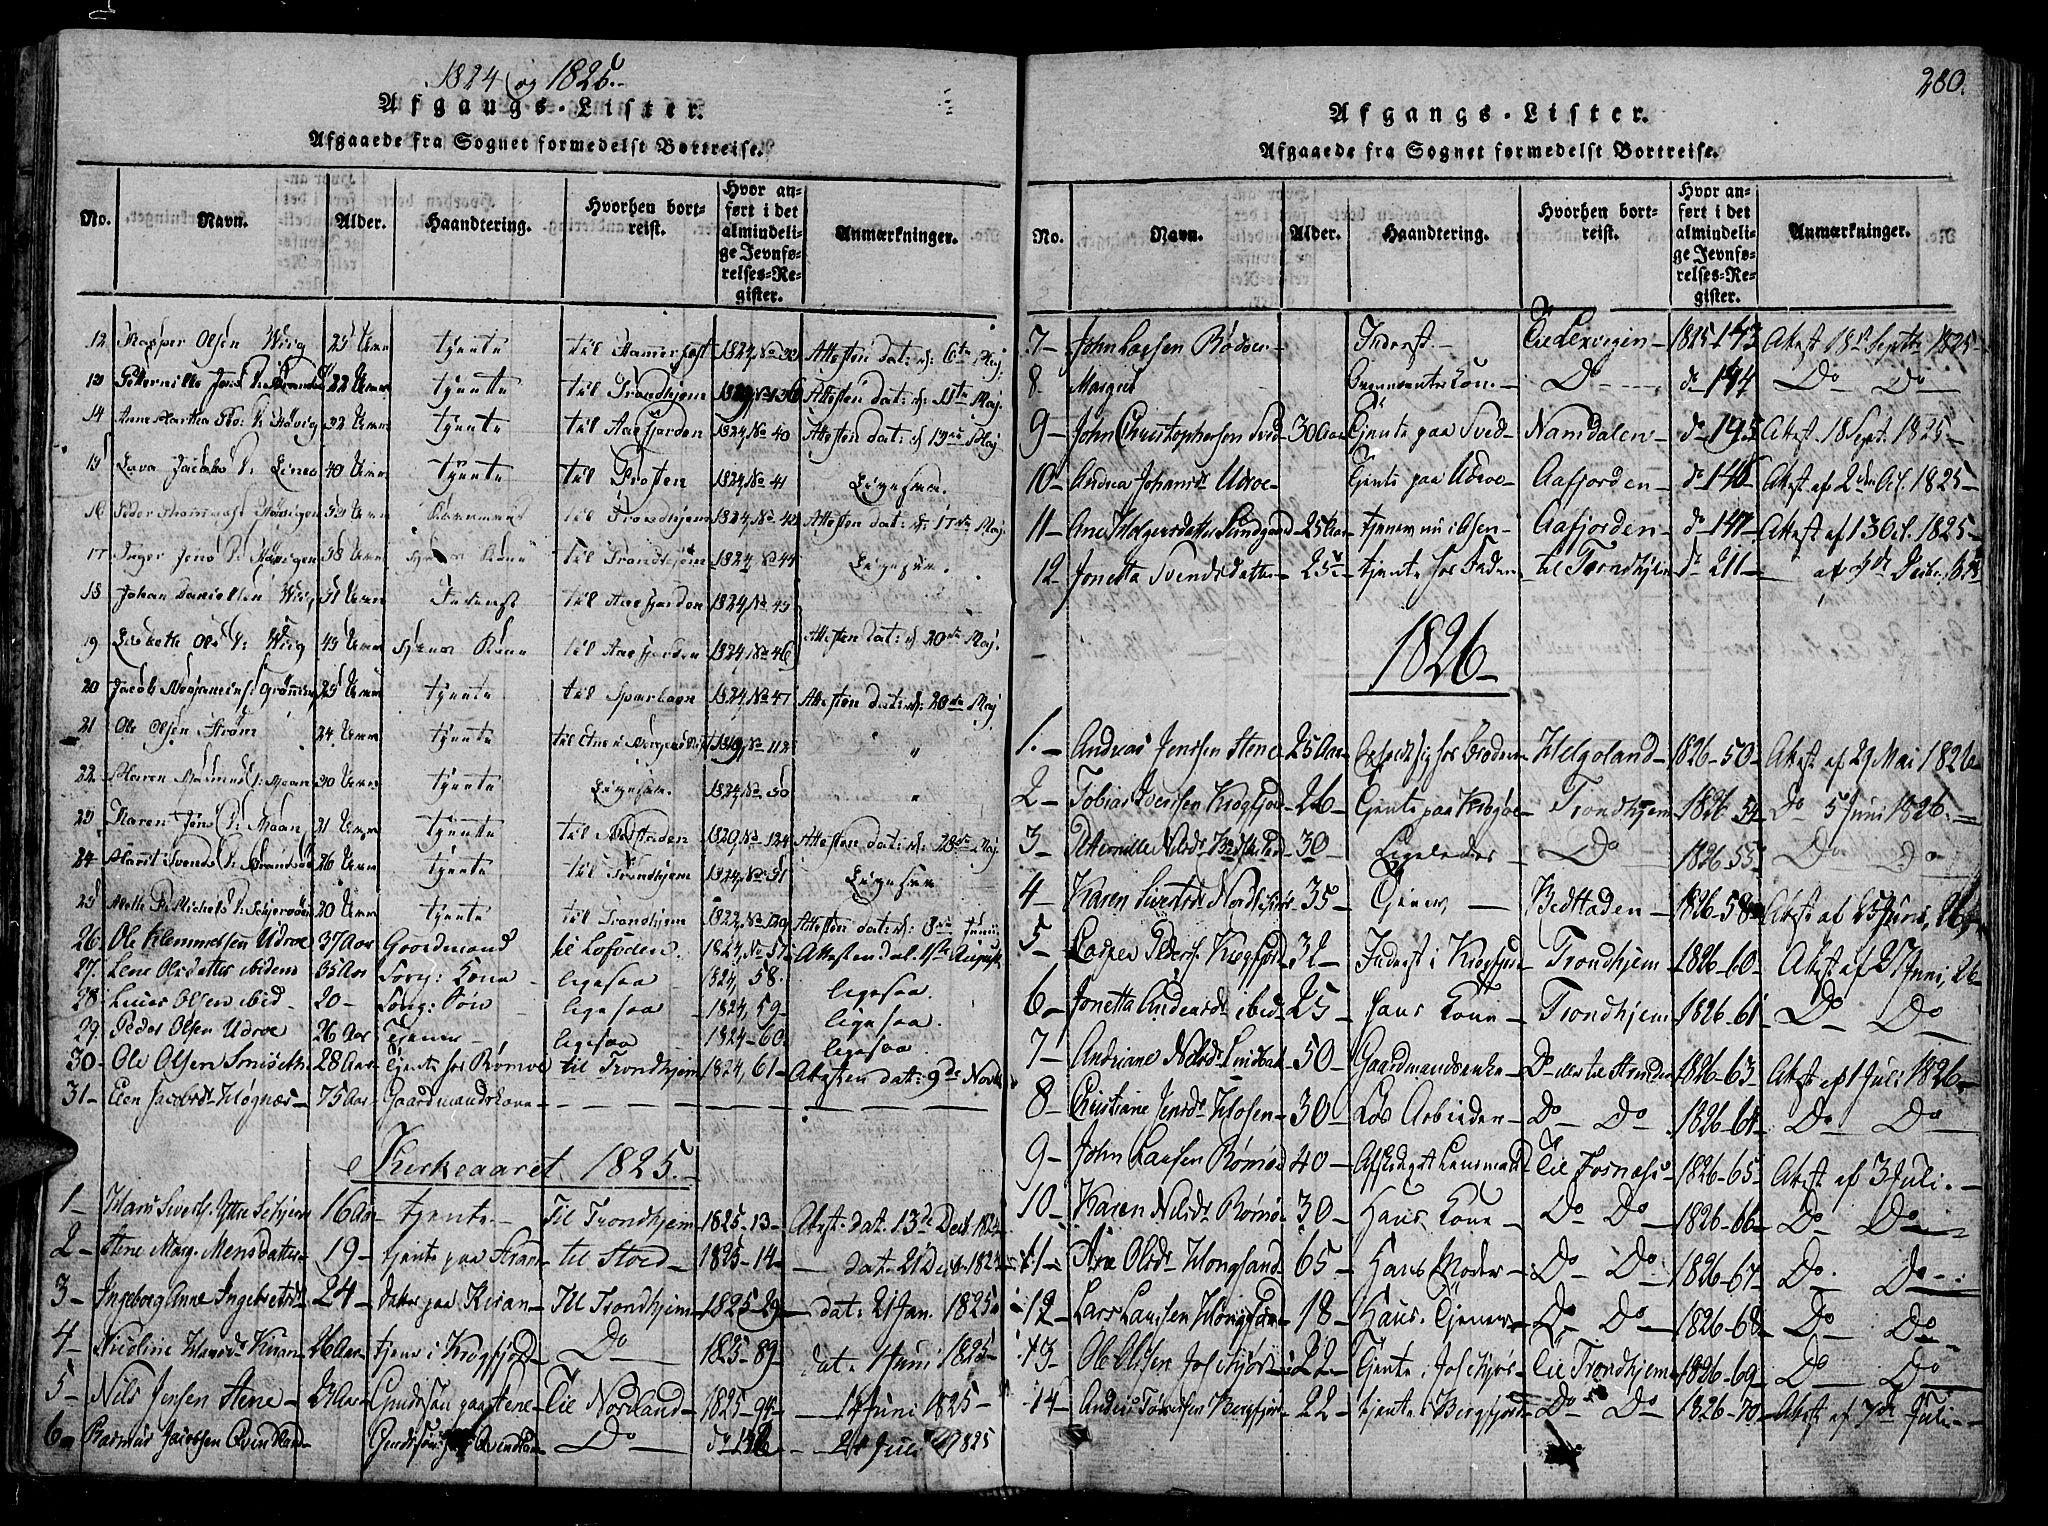 SAT, Ministerialprotokoller, klokkerbøker og fødselsregistre - Sør-Trøndelag, 657/L0702: Ministerialbok nr. 657A03, 1818-1831, s. 280